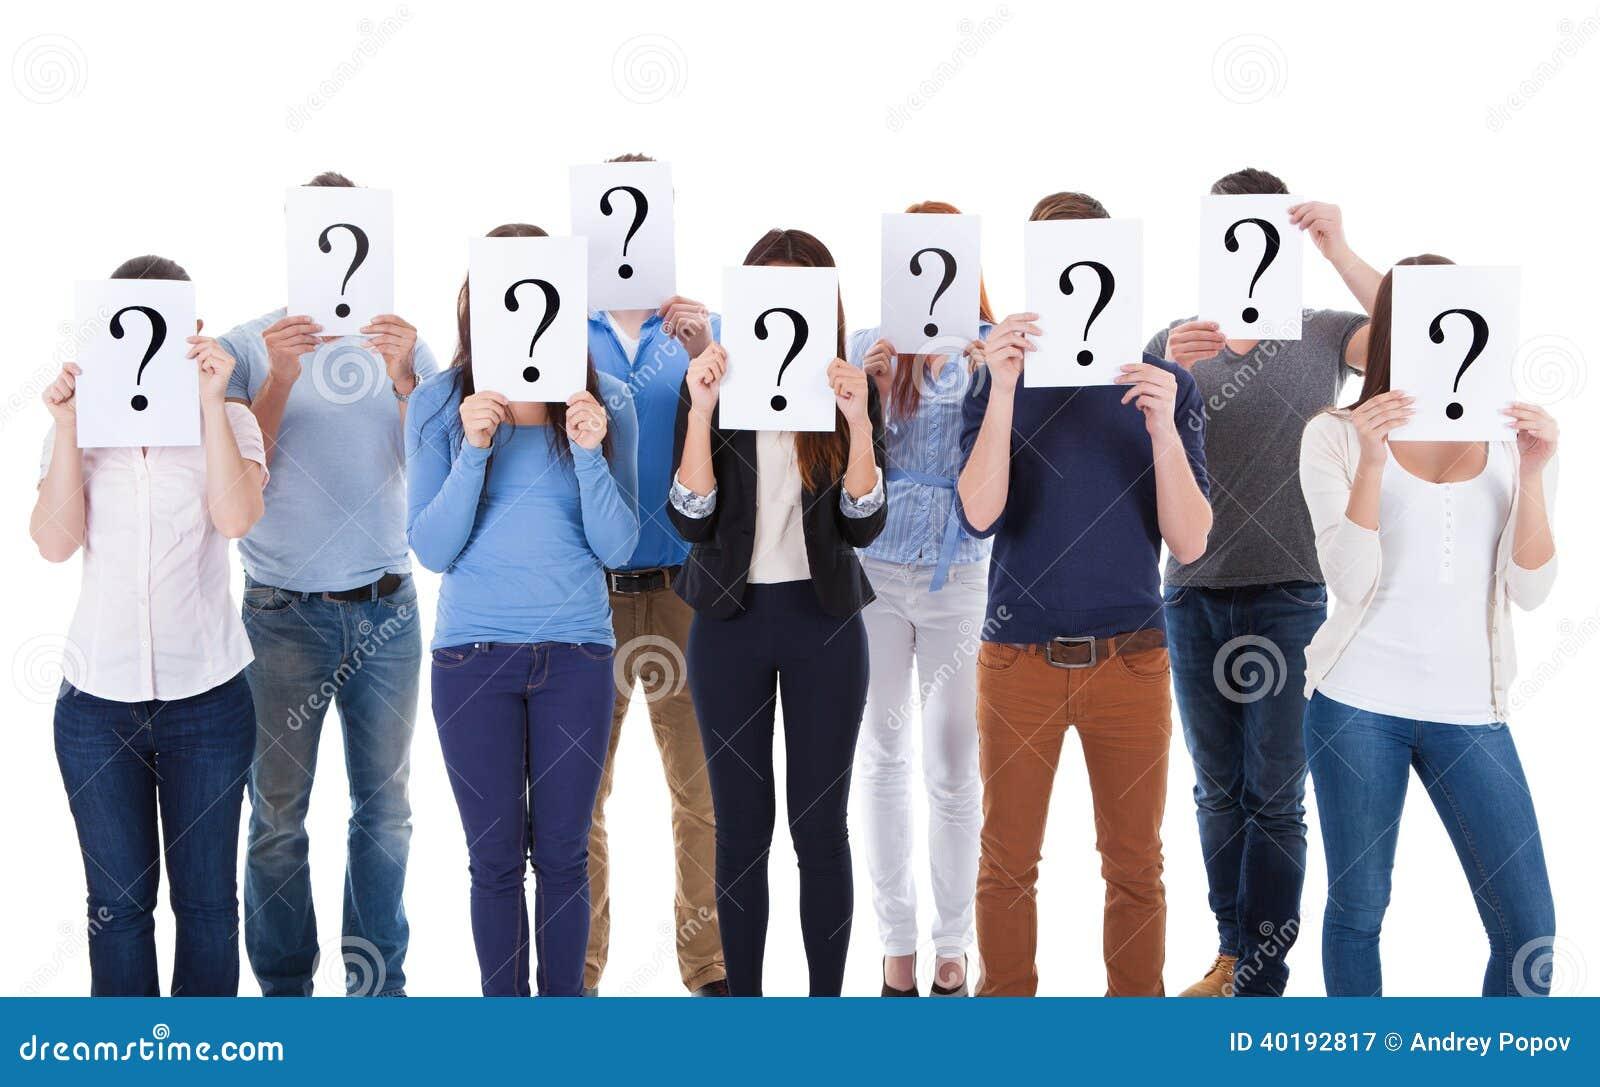 Grupo de personas diverso que lleva a cabo muestras de la pregunta